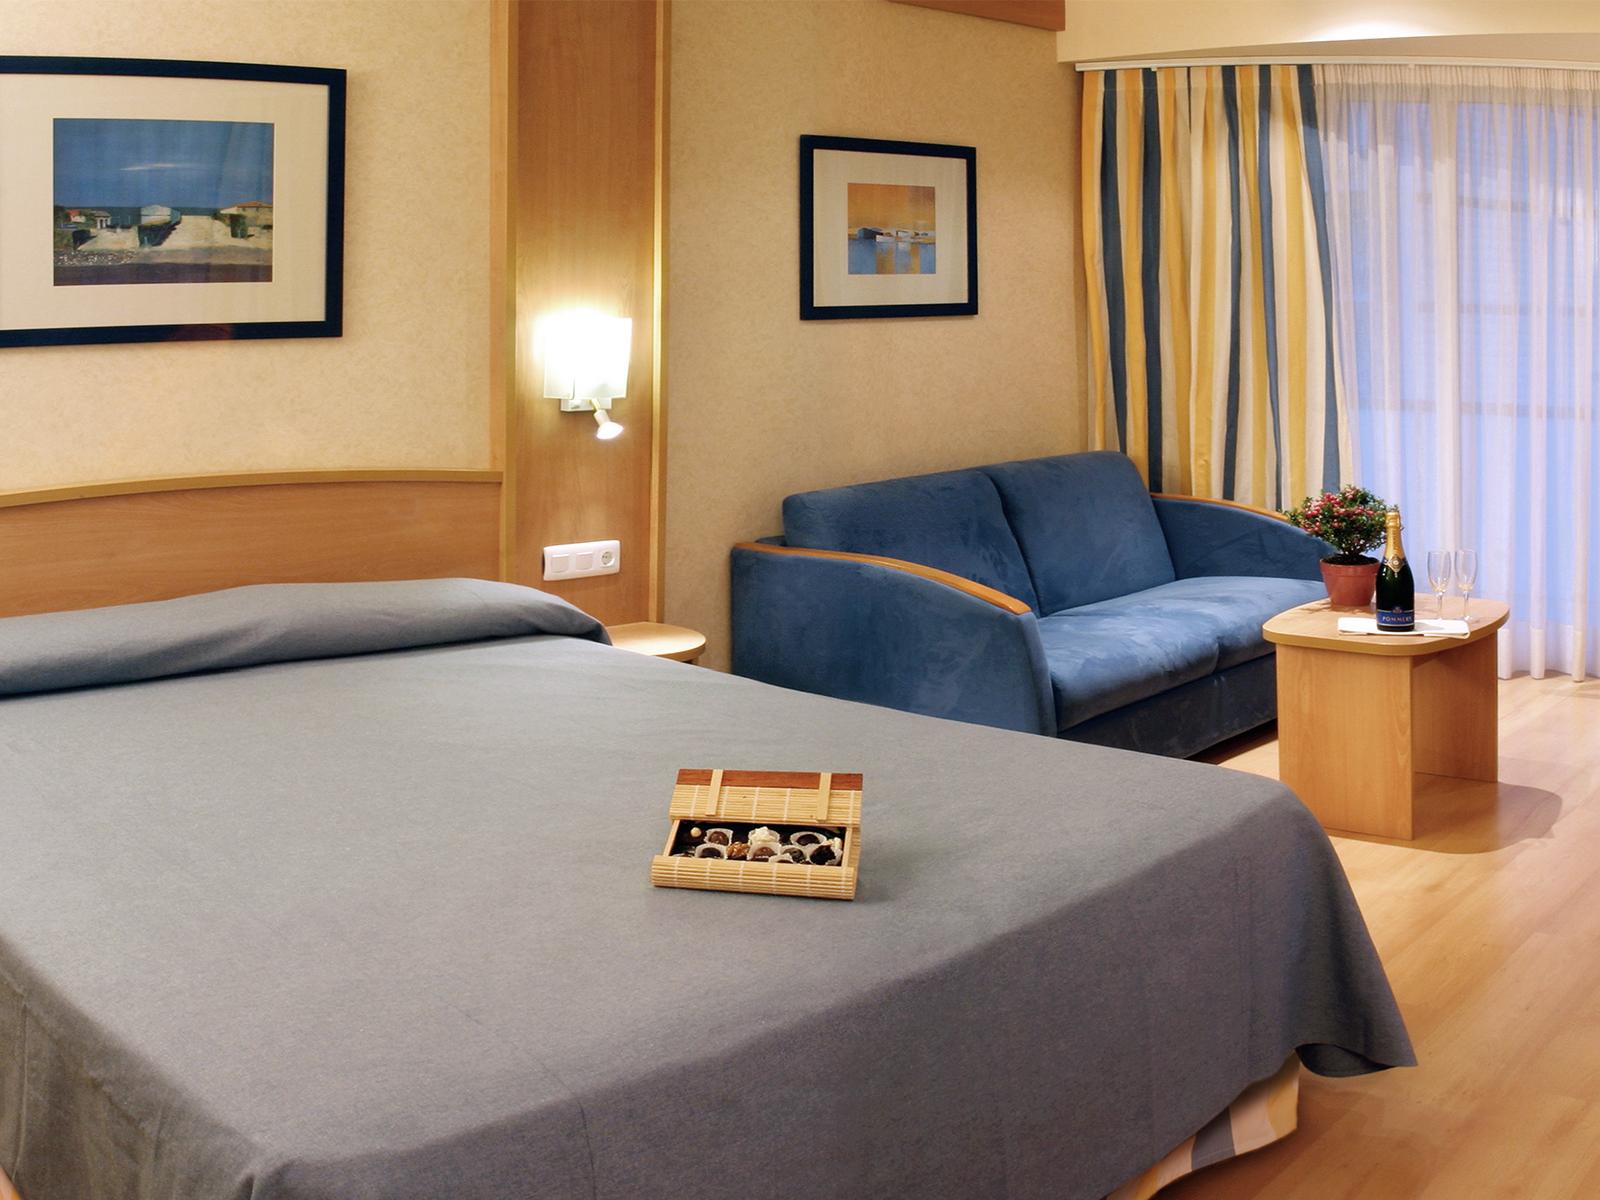 Puente de la diada del 09 09 al 11 09 hotel guitart for Habitacion para adultos completa barata